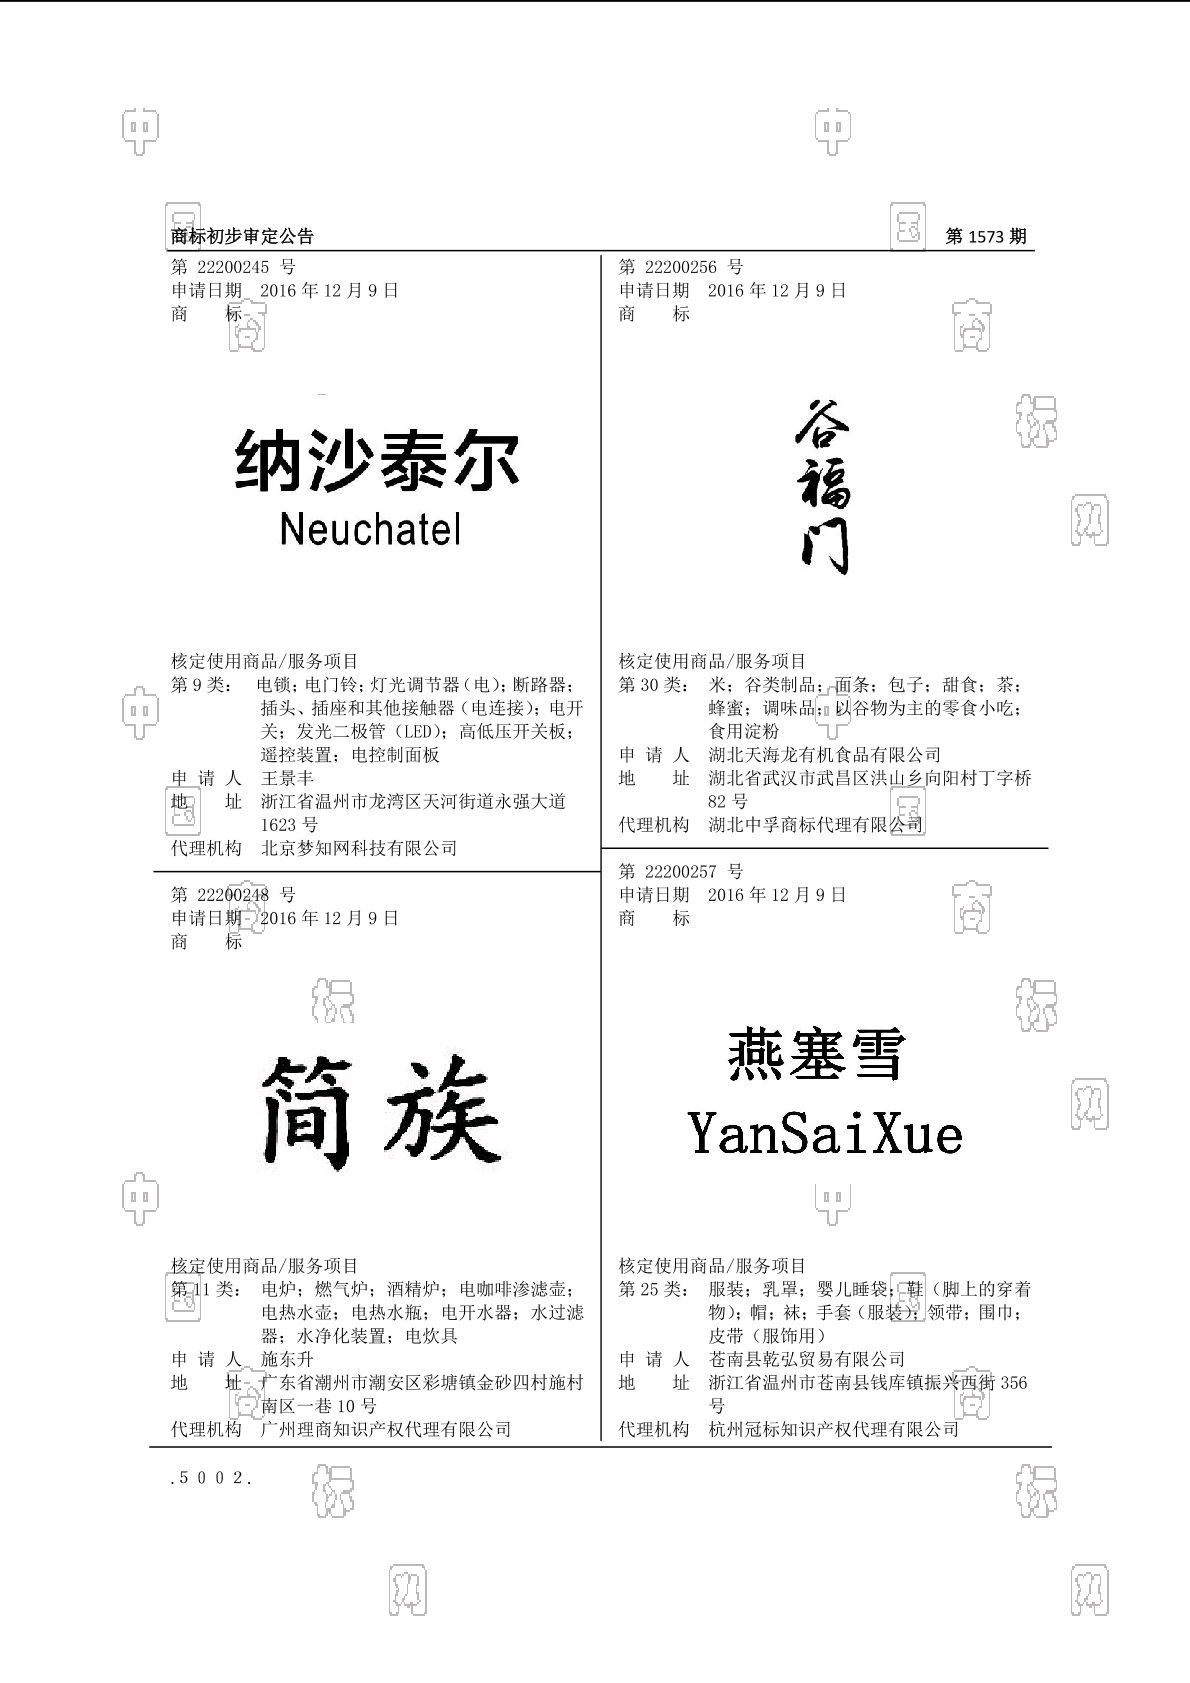 【社标网】简族商标状态注册号信息 施东升商标信息-商标查询